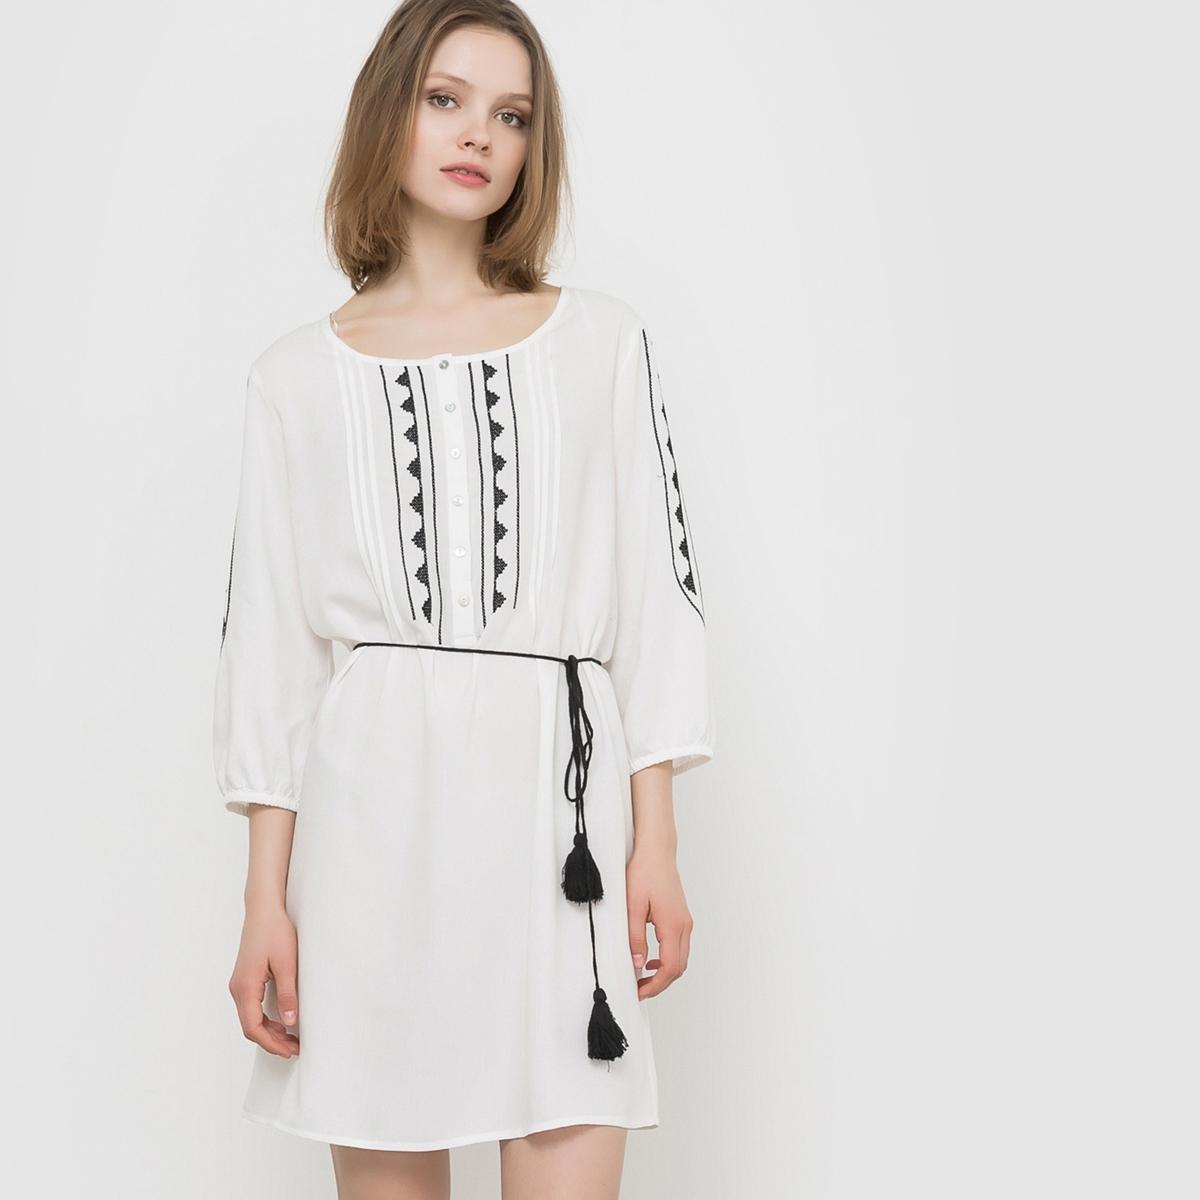 Платье с рукавами ?, с вышивкой, пояс с помпонами  B.YOUNG ELLA DRESSСостав и описание  :   Материал : 100% полиэстера.Марка : B.YOUN<br><br>Цвет: экрю<br>Размер: 40 (FR) - 46 (RUS).42 (FR) - 48 (RUS)